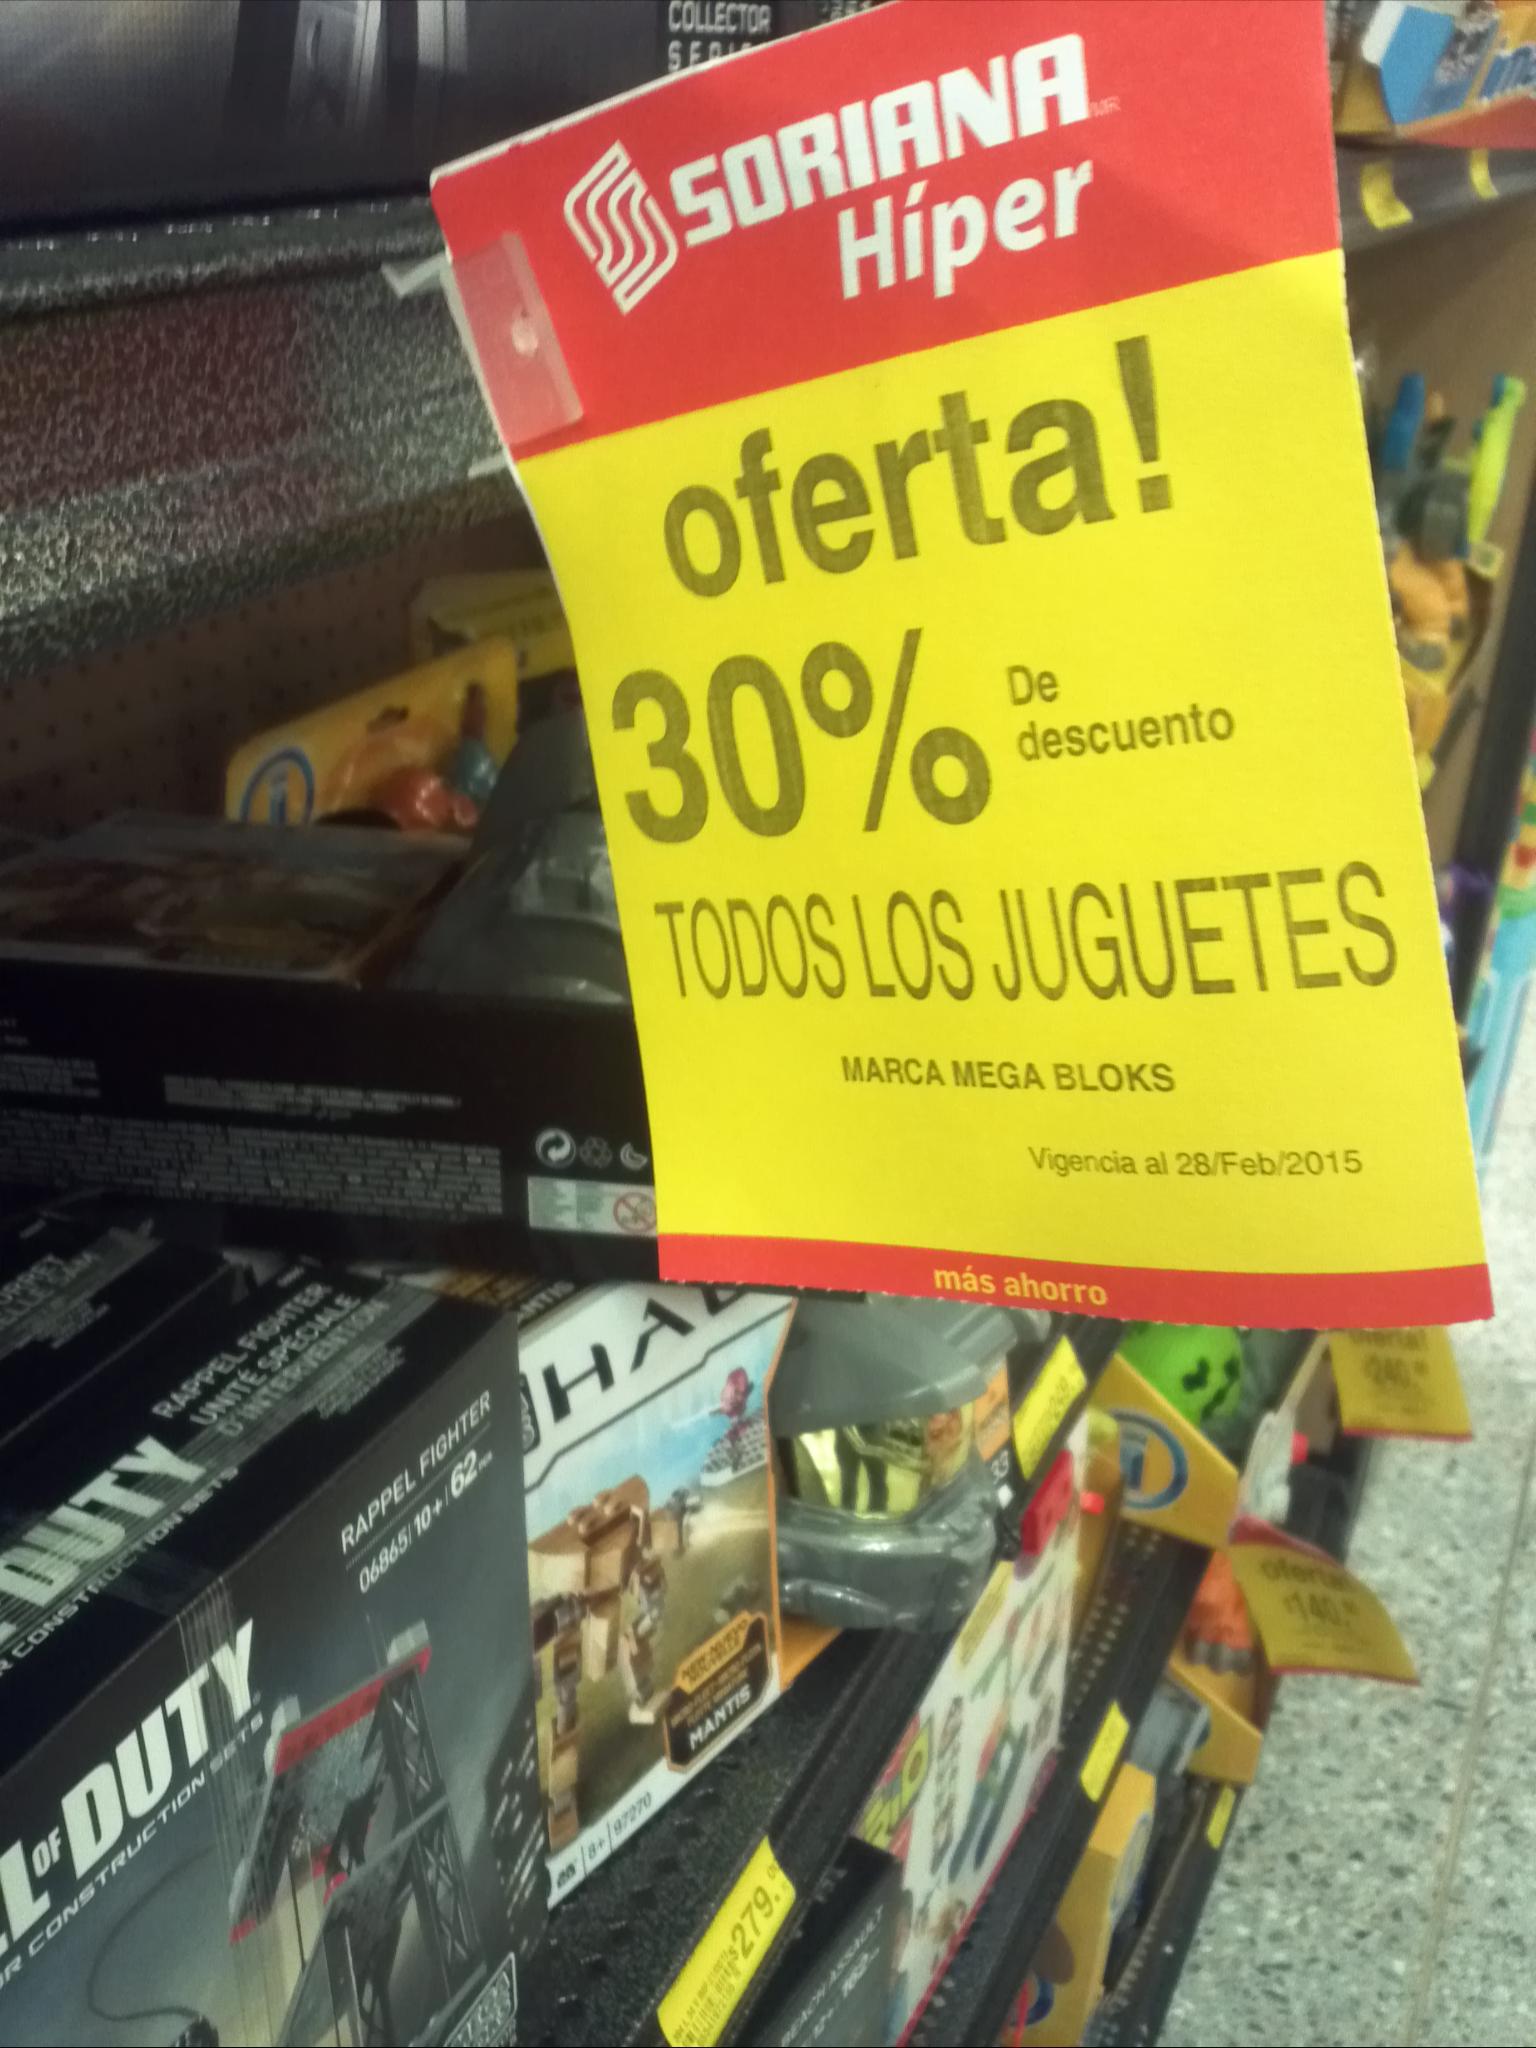 30% de Descuento en juguetes Mega Bloks Soriana